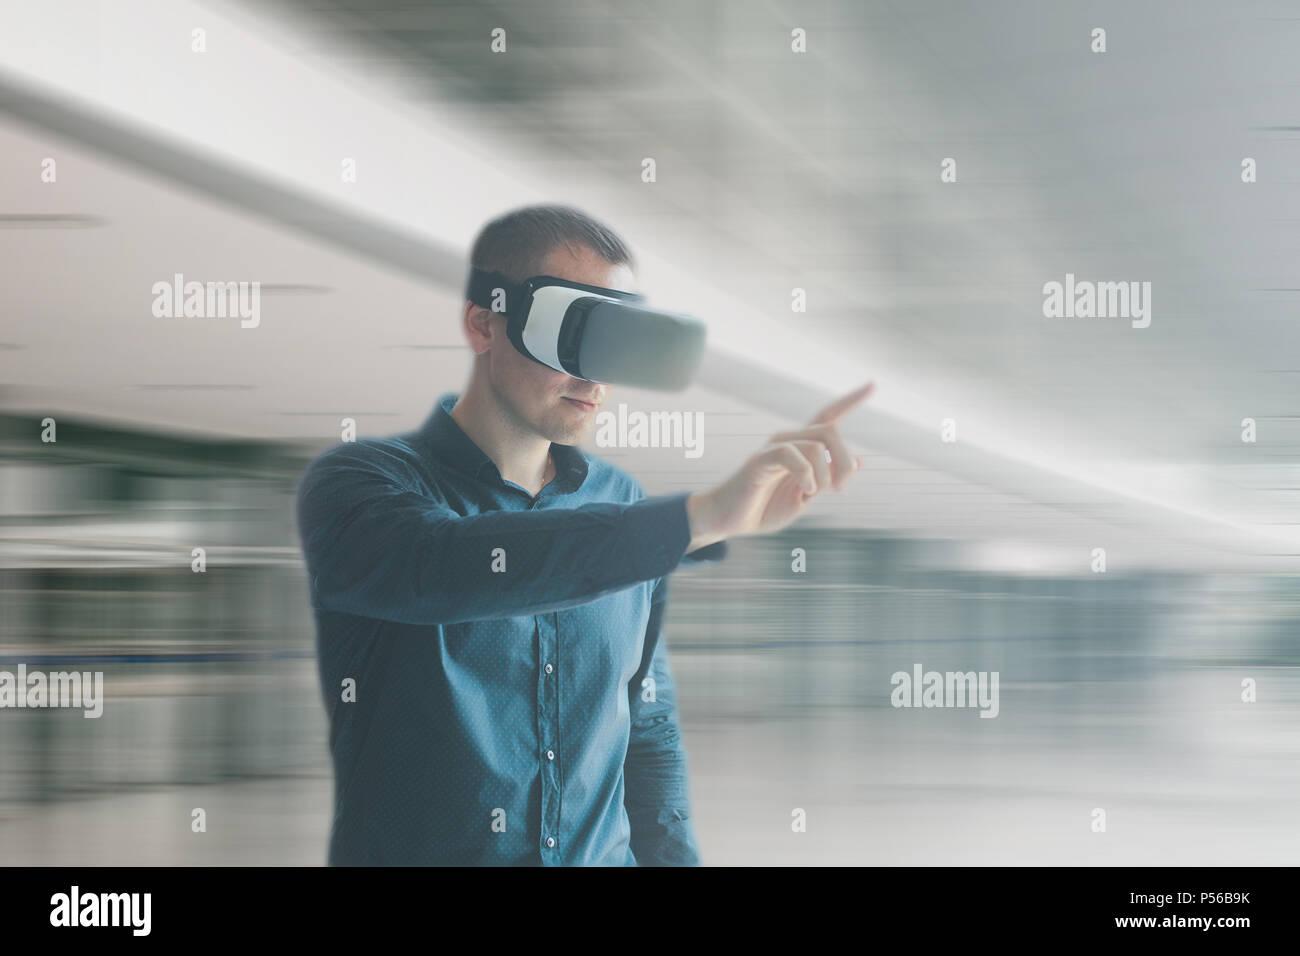 Un homme à lunettes de réalité virtuelle. Technologie du présent et l'avenir Photo Stock